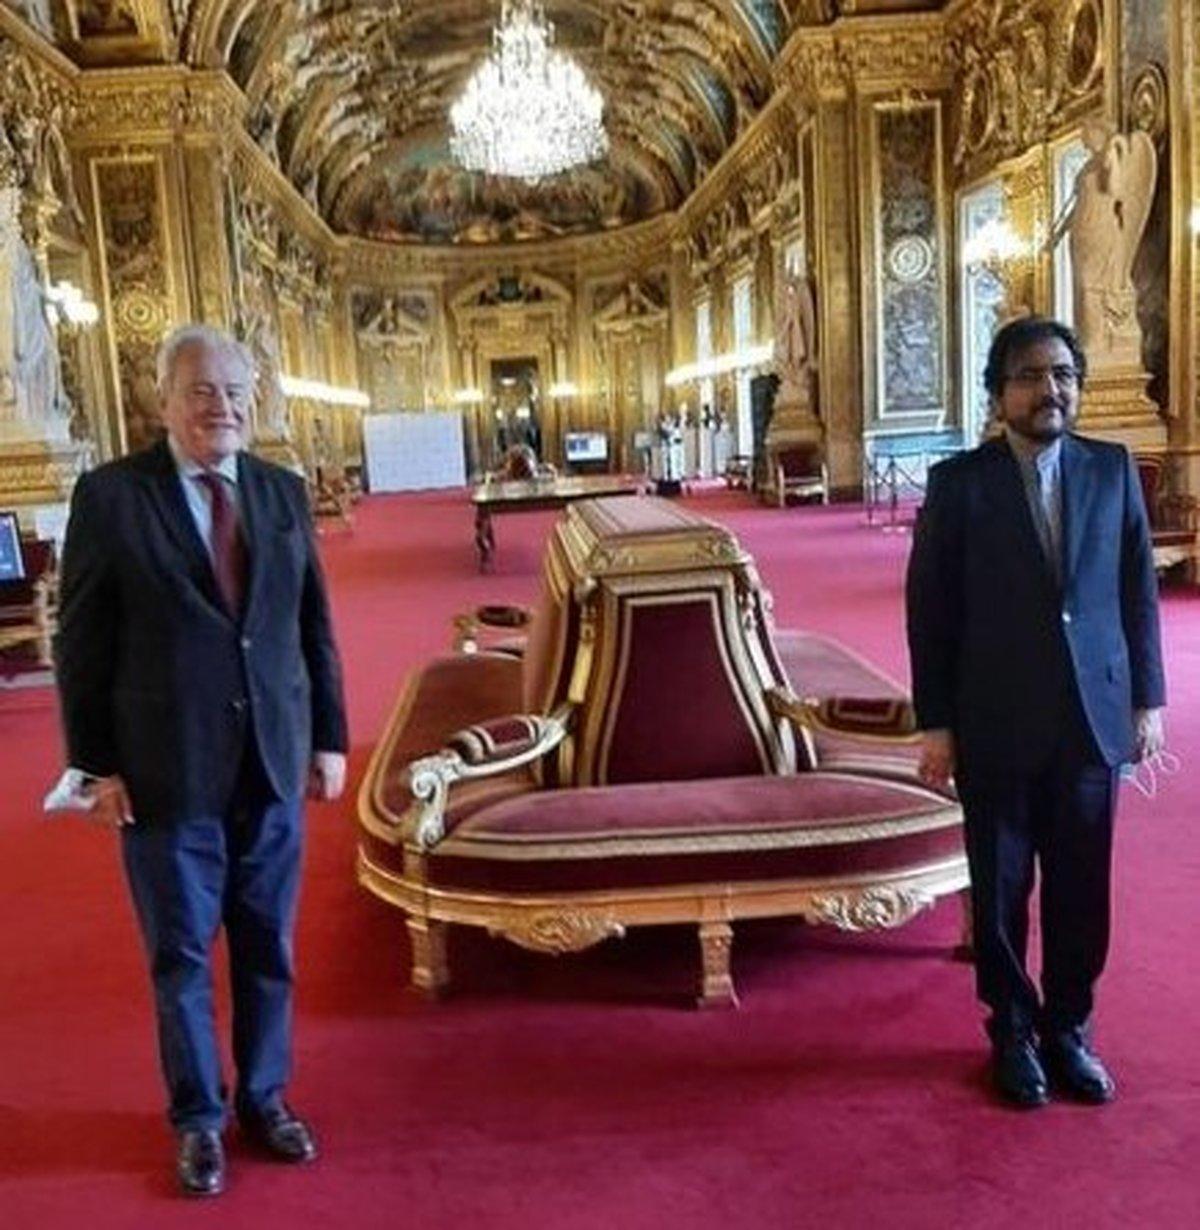 گفتوگوی بهرام قاسمی با رئیس کمیسیون امور خارجی، دفاعی و نیروهای مسلح سنای فرانسه